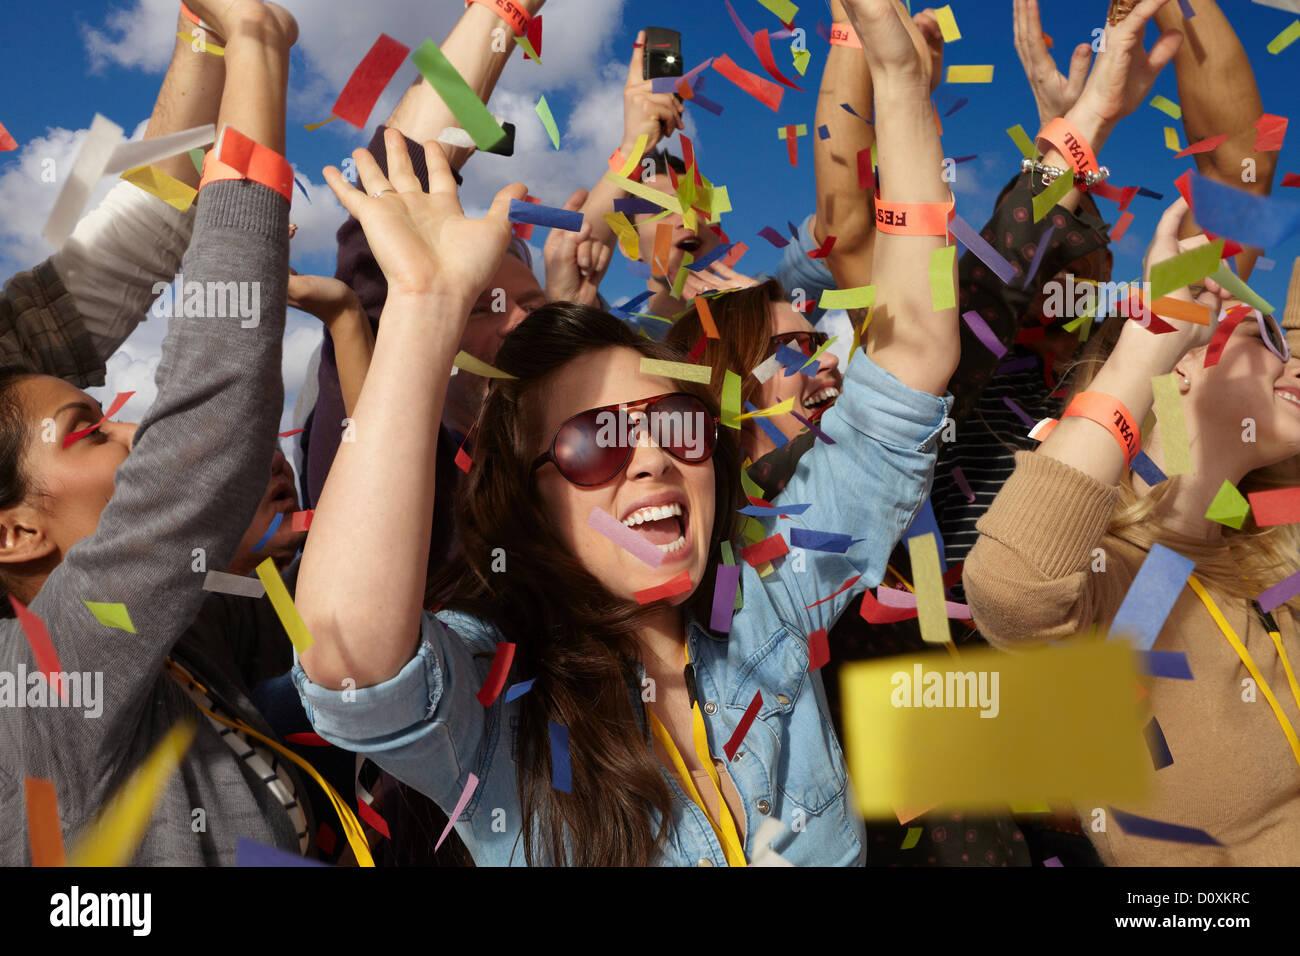 Menschen jubeln auf einem Musikfestival Stockbild